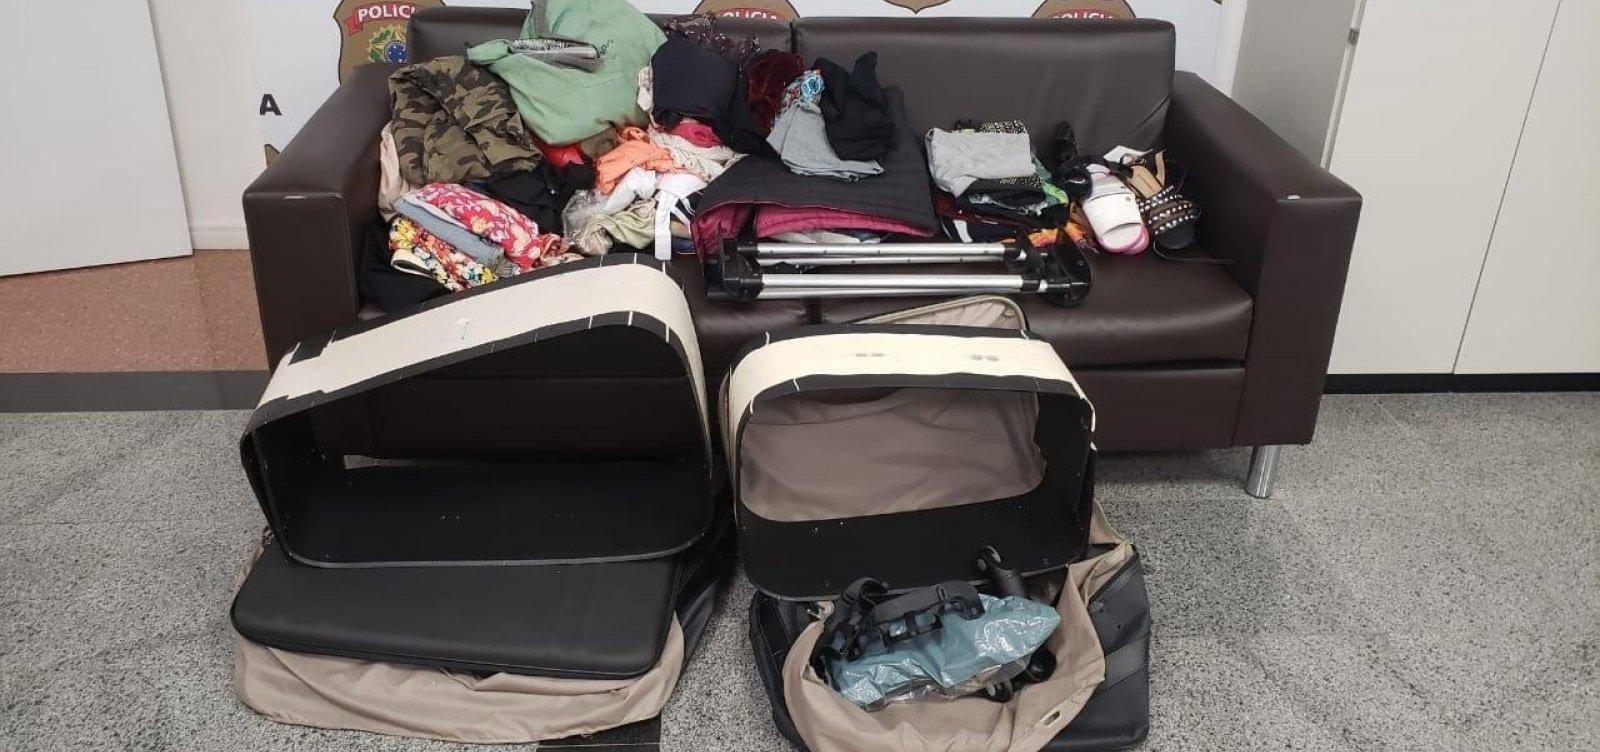 [Casal é preso em flagrante com cocaína escondida em malas no aeroporto de Salvador]